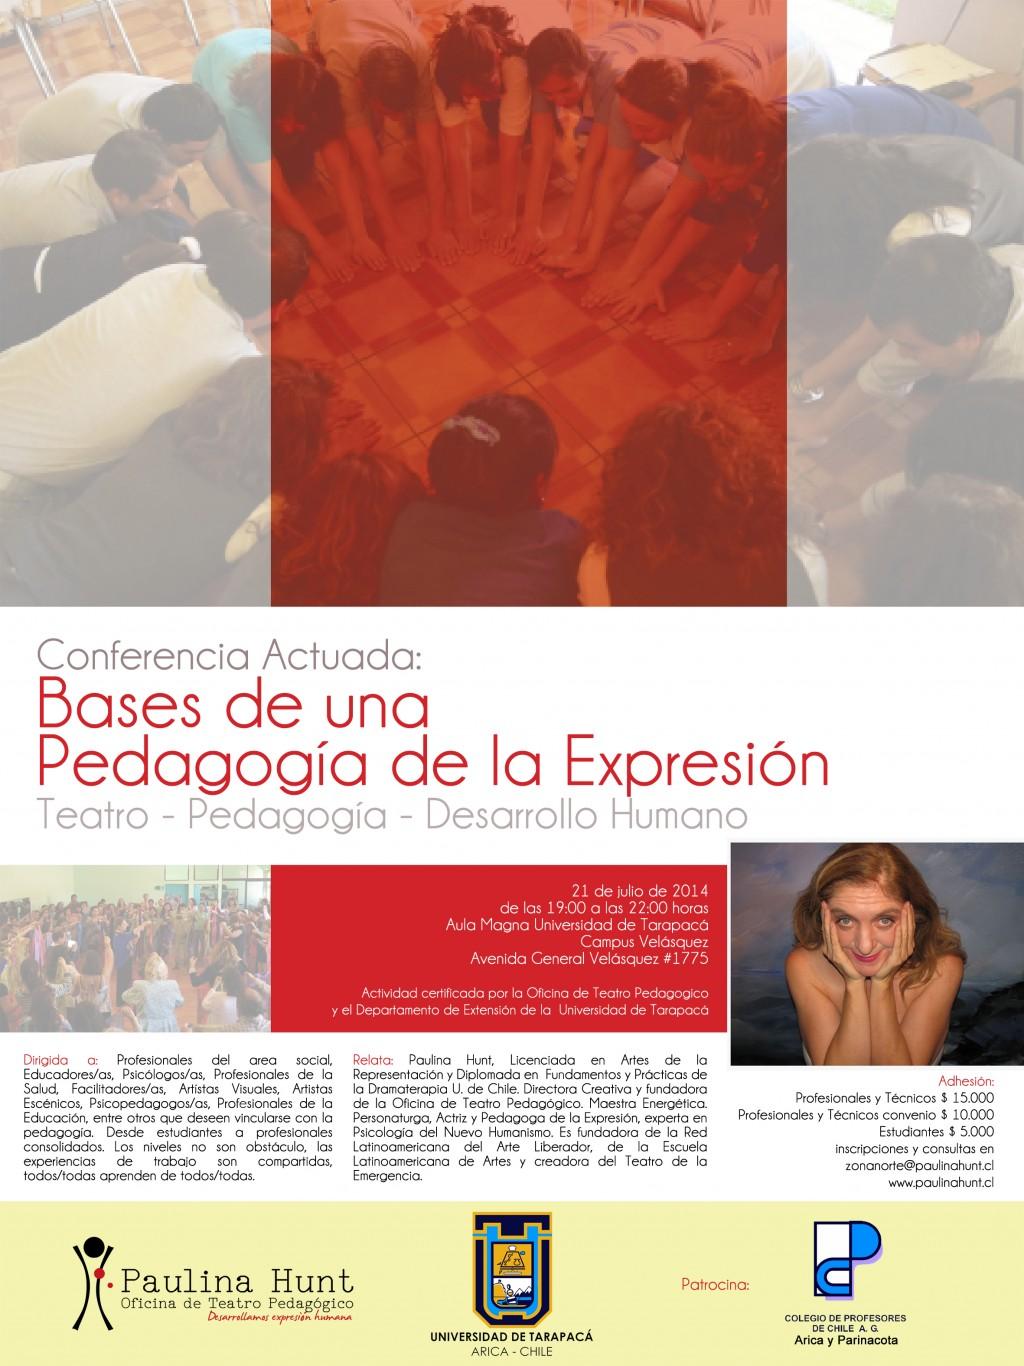 Conferencia Actuada U. de Tarapacá por Paulina Hunt